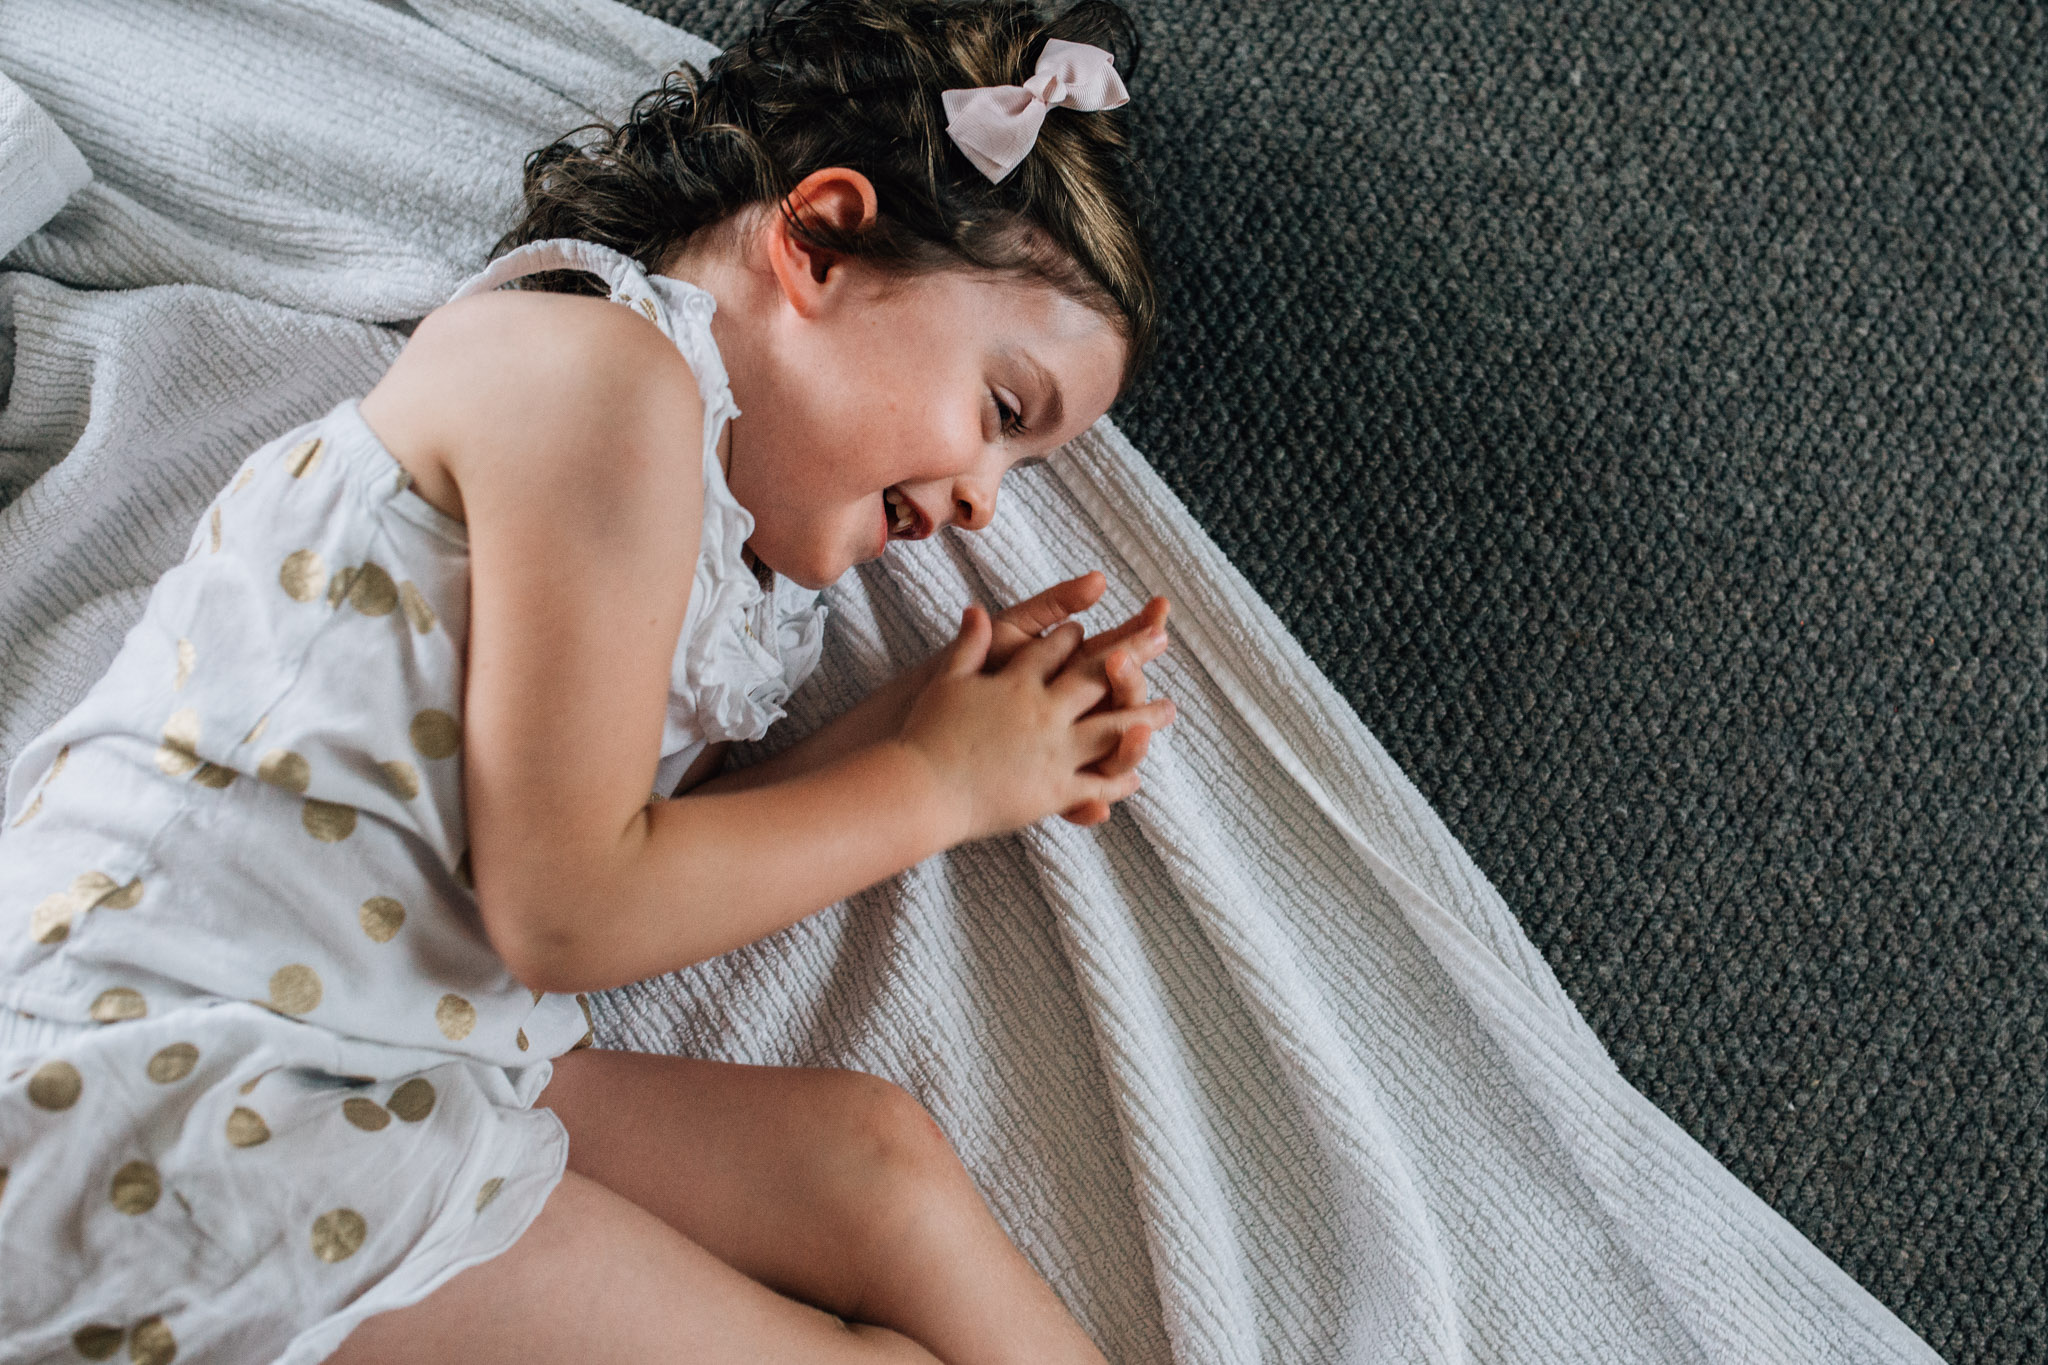 little-girl-laughing-on-living-room-floor (1 of 1).jpg